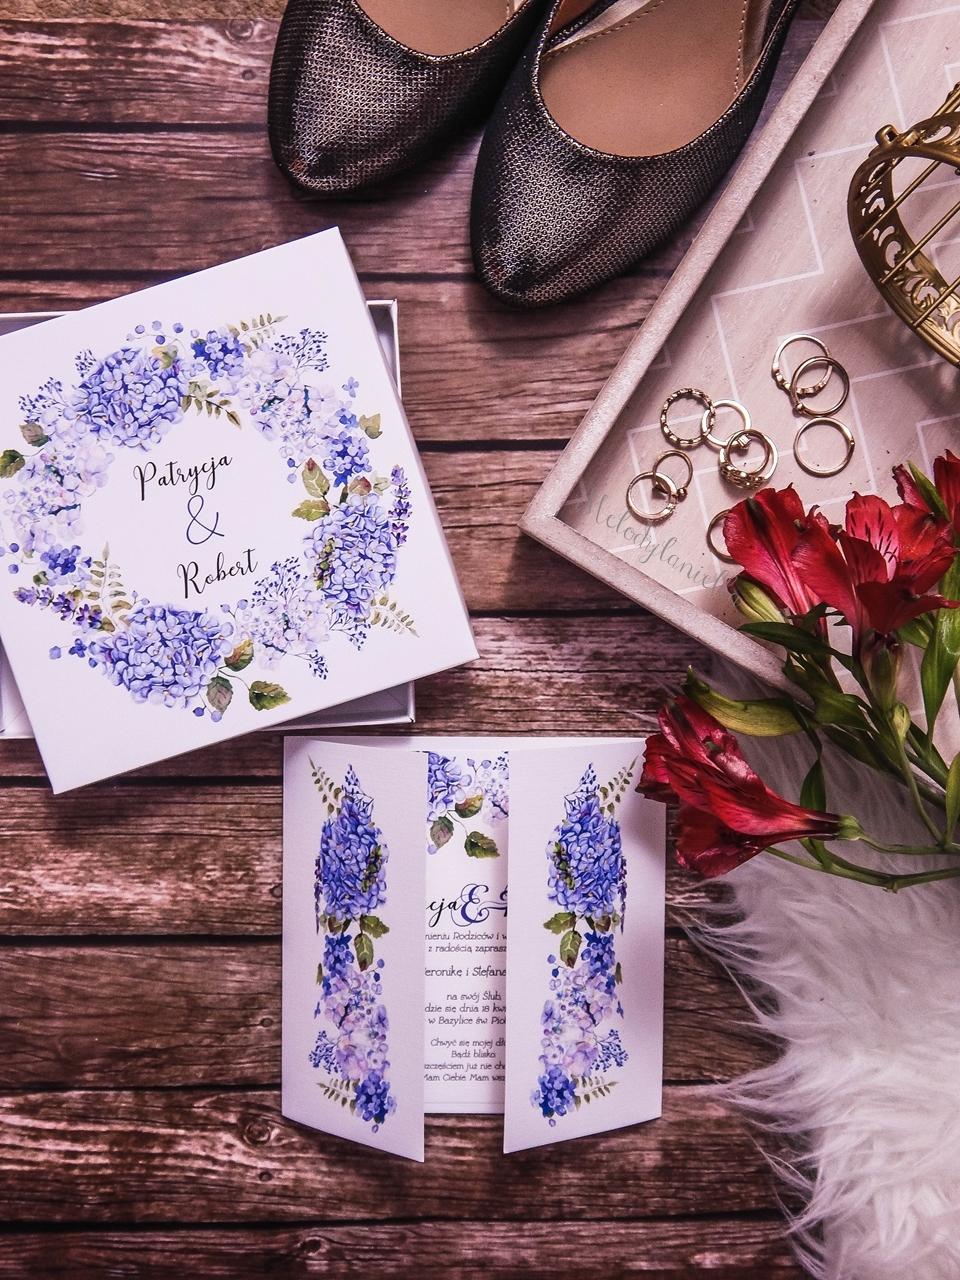 5 ślubne zaproszenia krok po kroku wzory próbki pomysły boho rustykalne eleganckie klasyczne złote kwiatowe roślinne eko bio